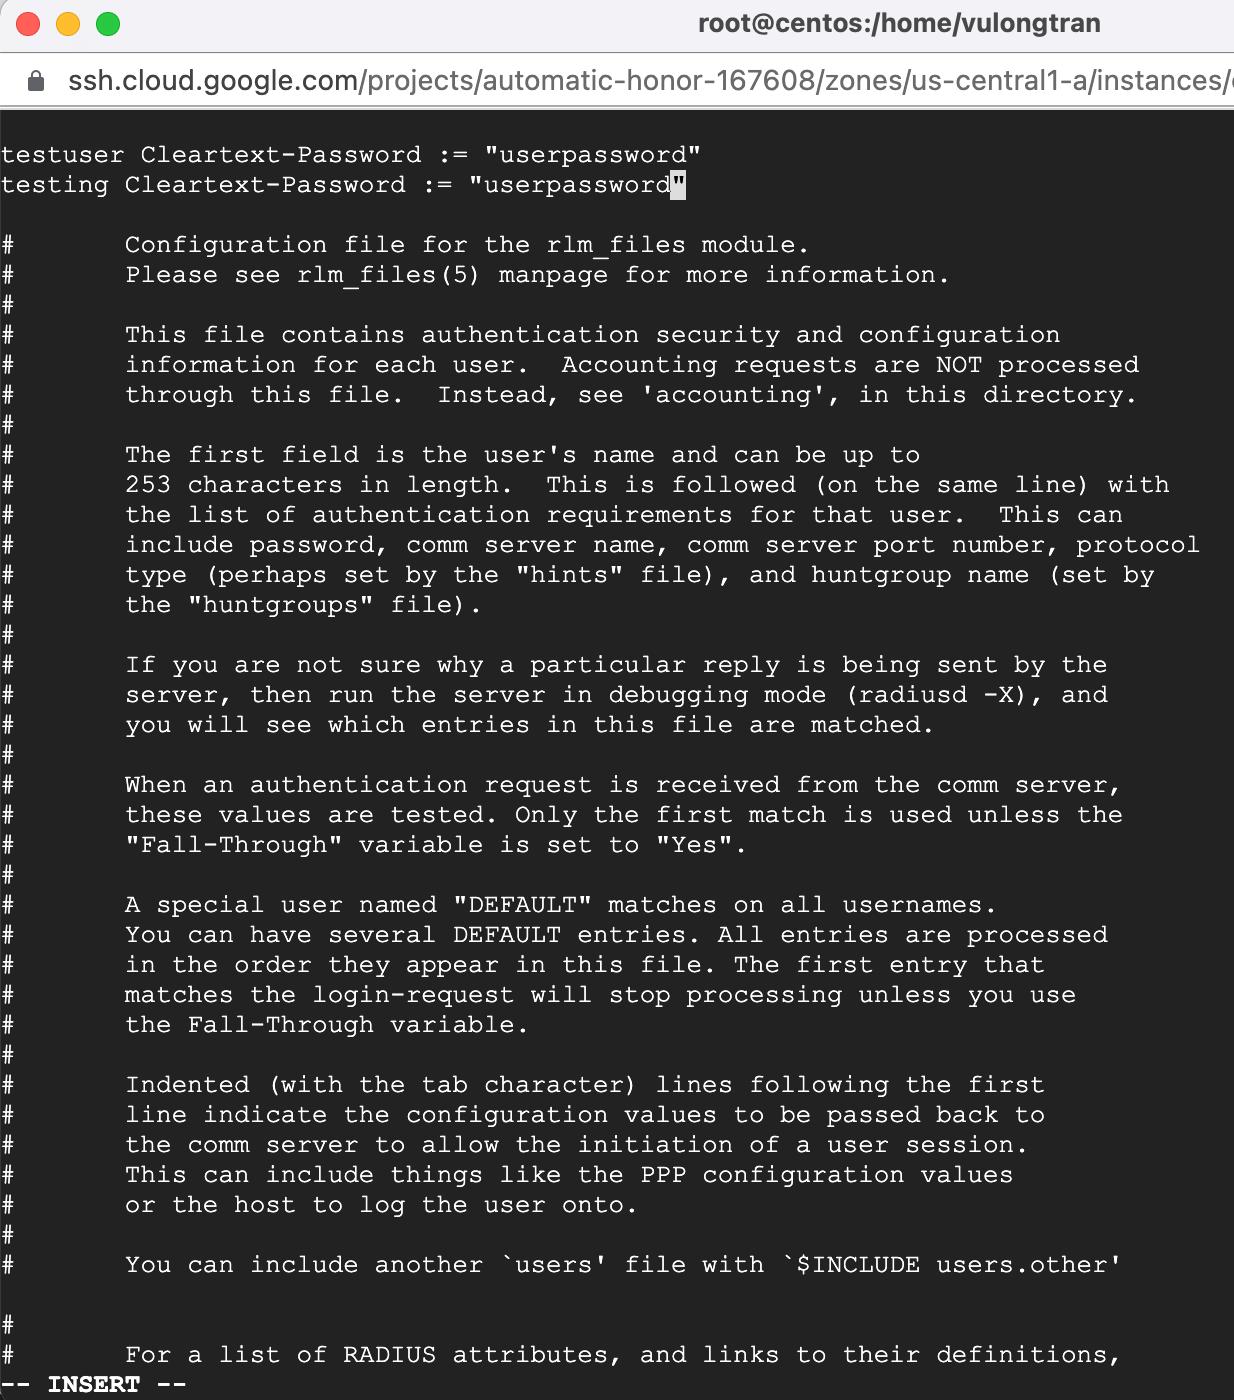 freeradius-user-file-testuser